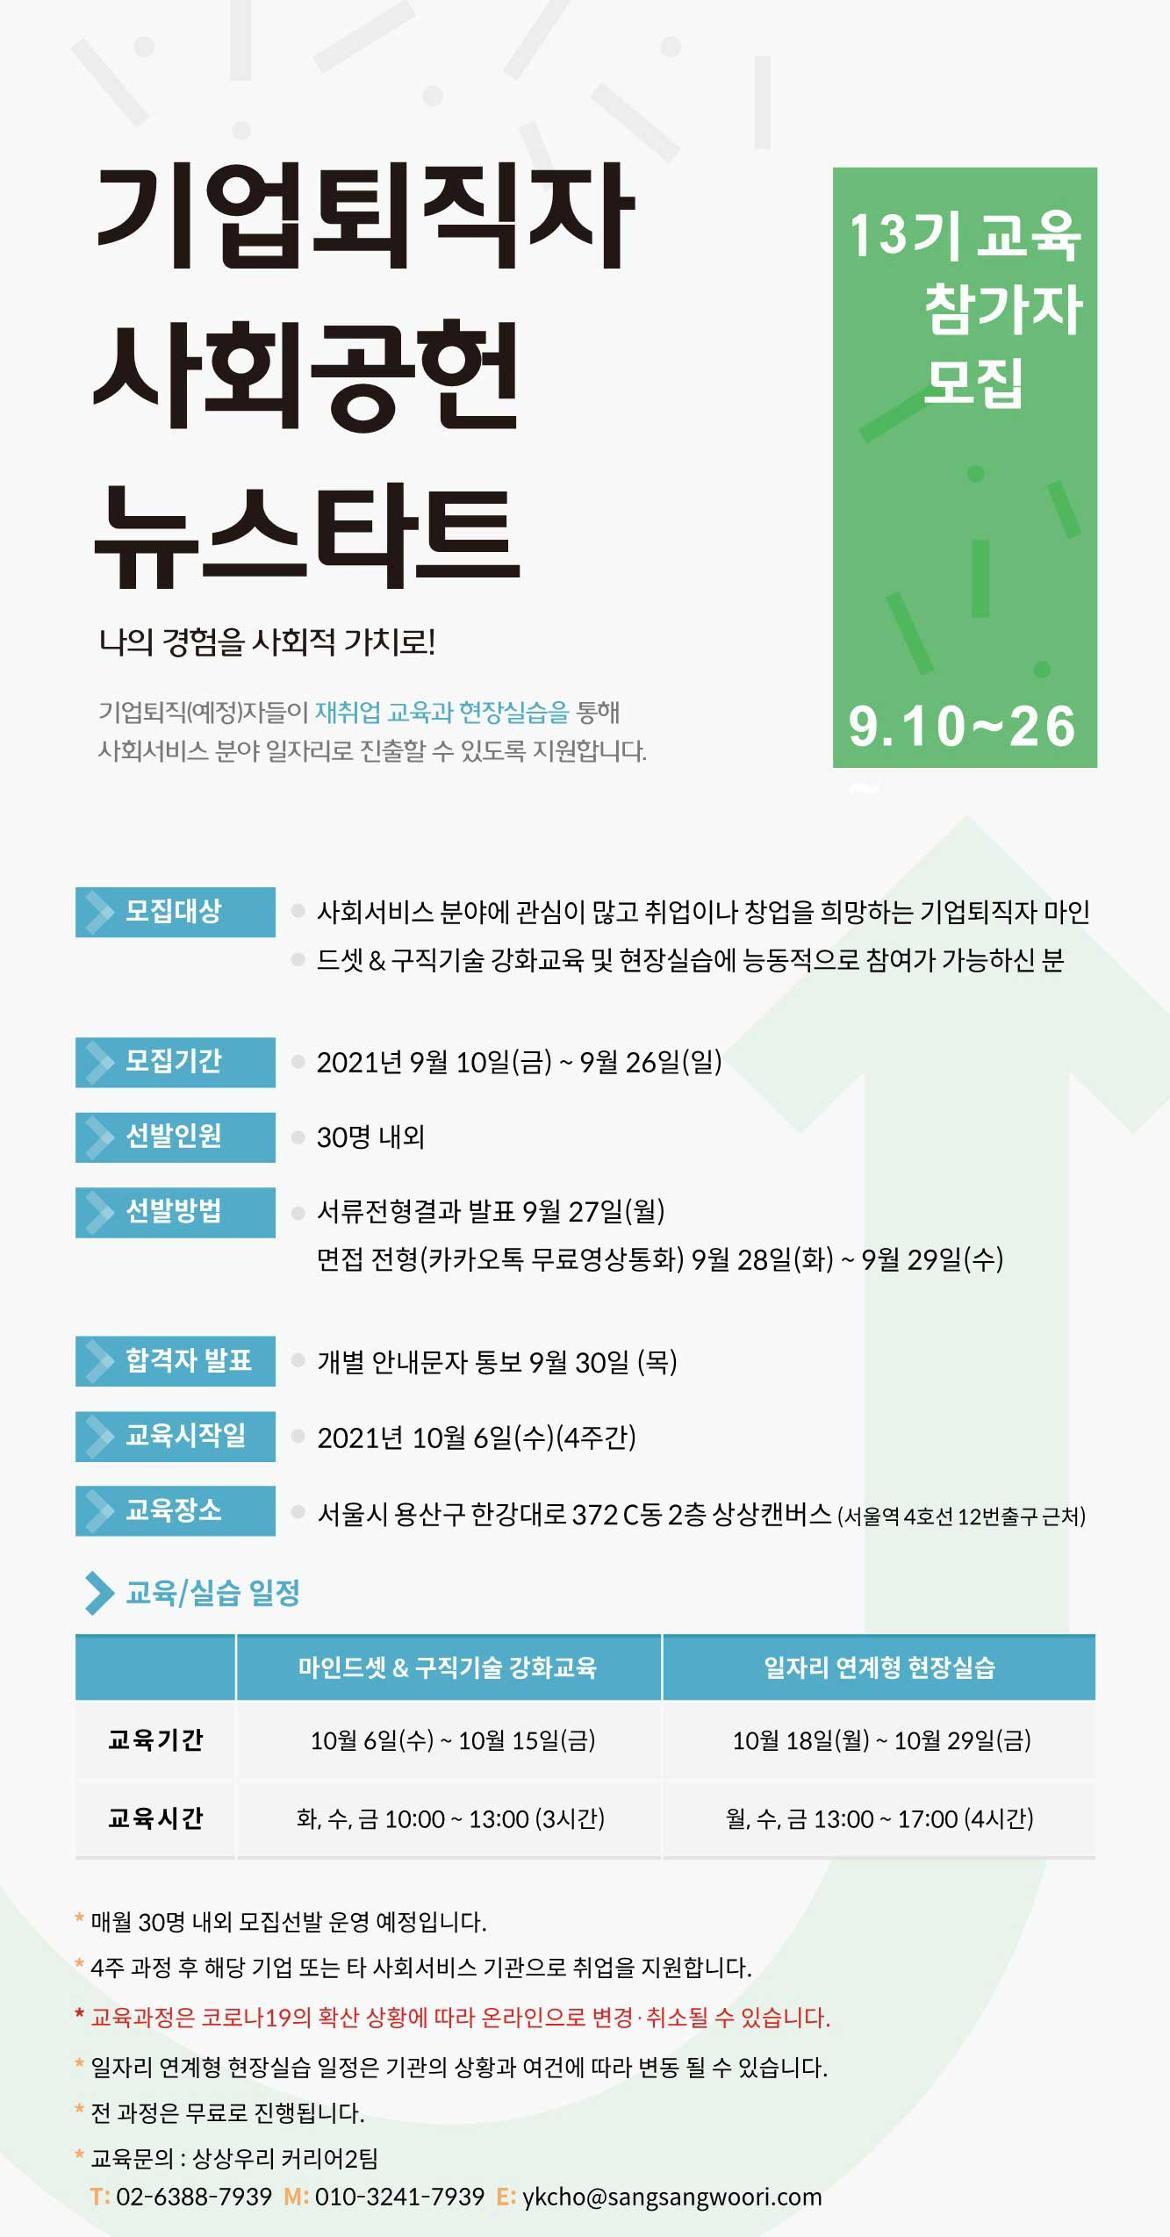 뉴스타트-13기-모집-포스터_1_01.jpg